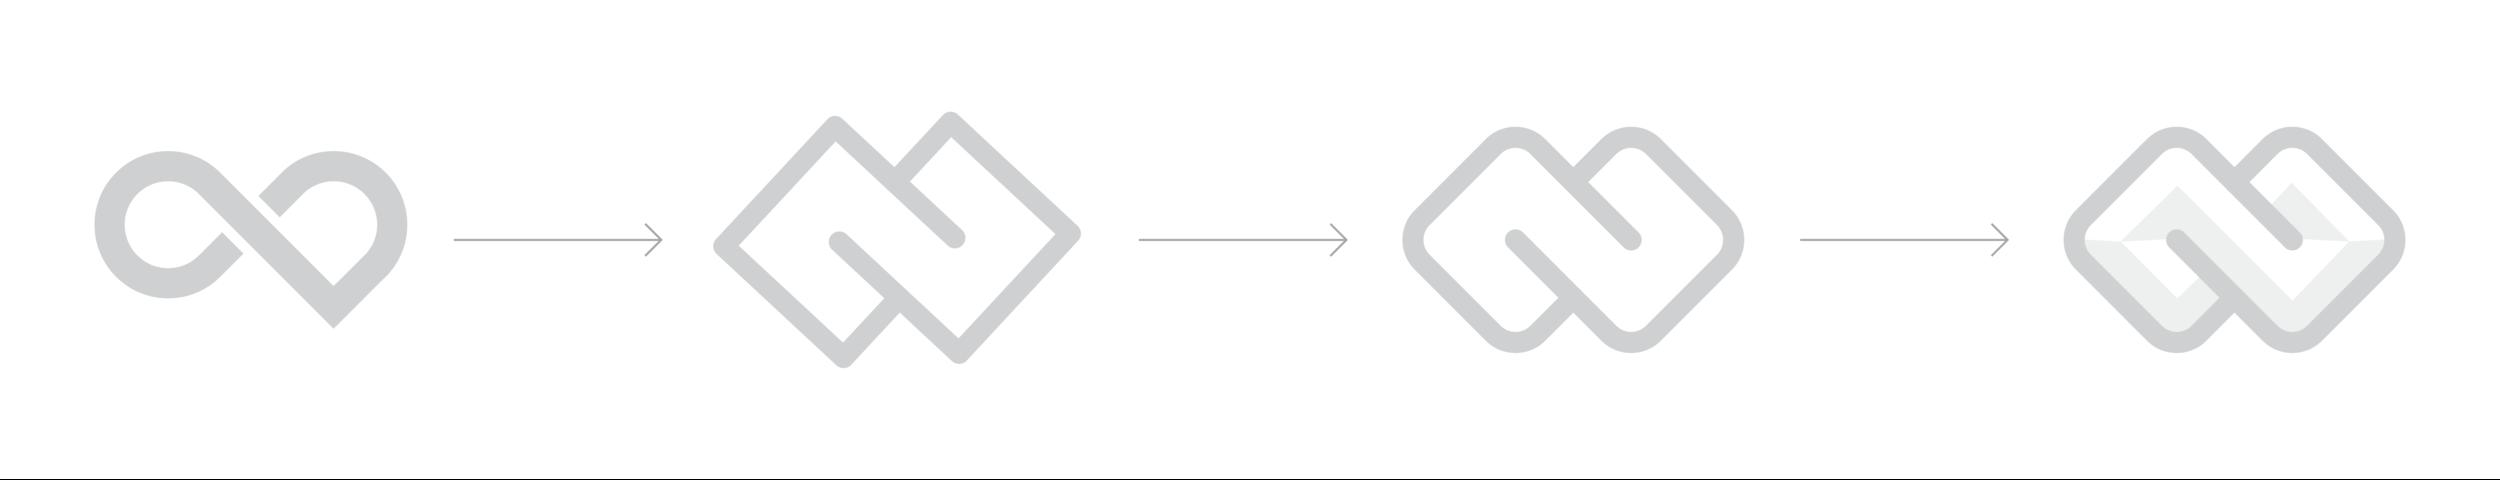 CodeCamp_portfolio_tiles_v2-02.png